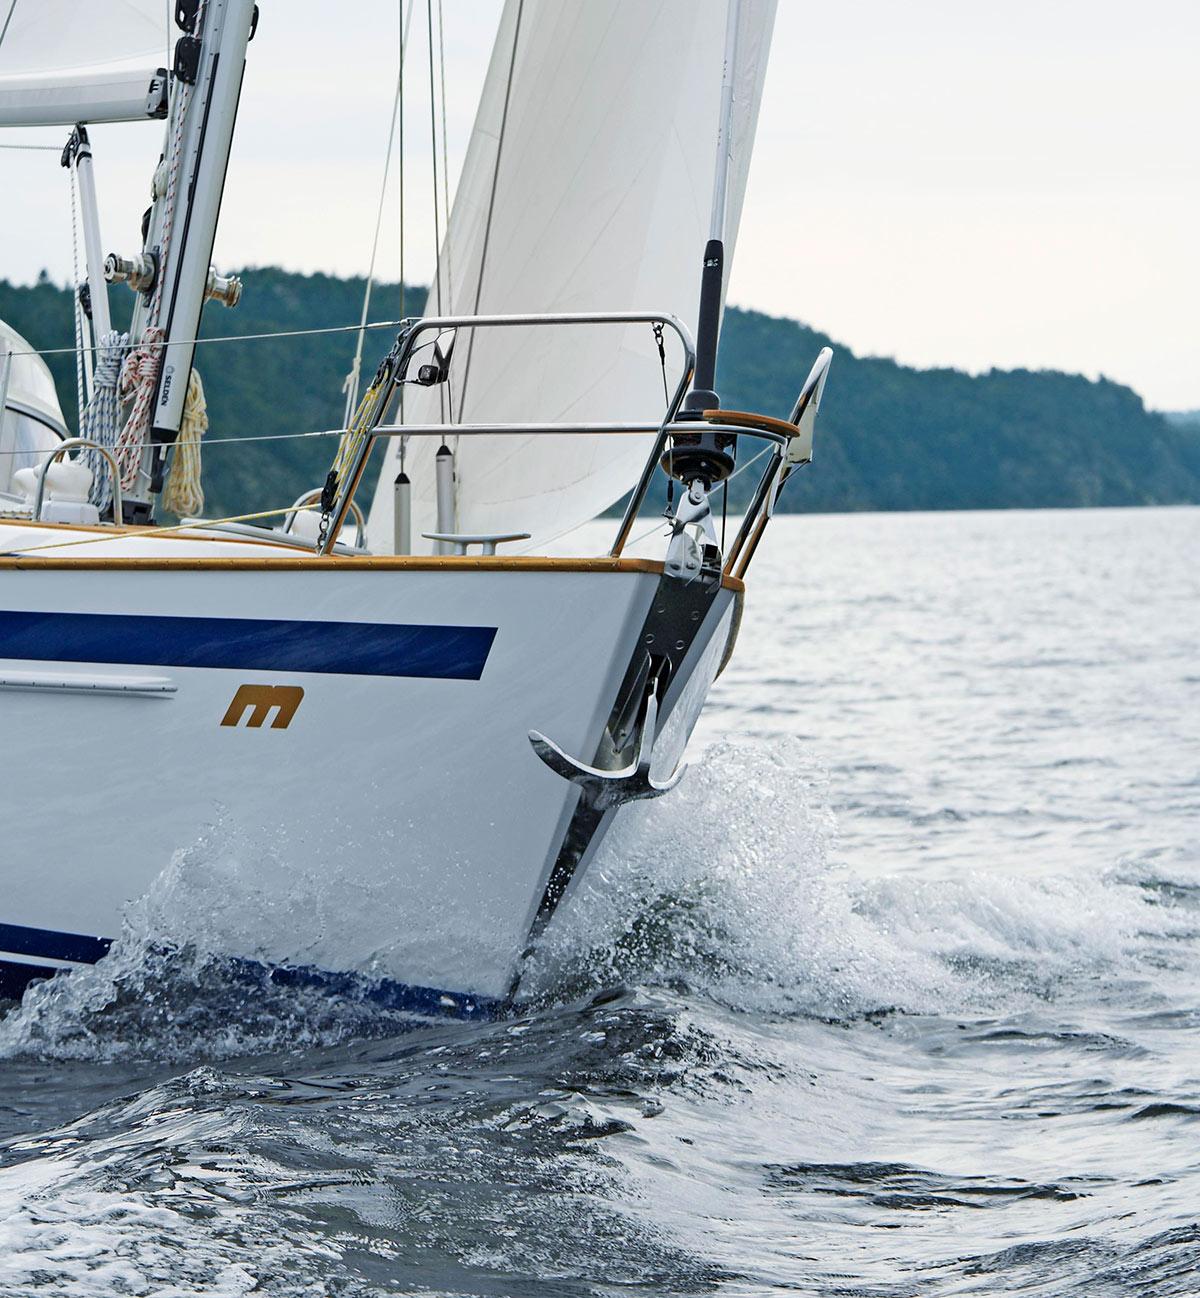 en segelbåt ute till havs med ett dragg hängandes i fören